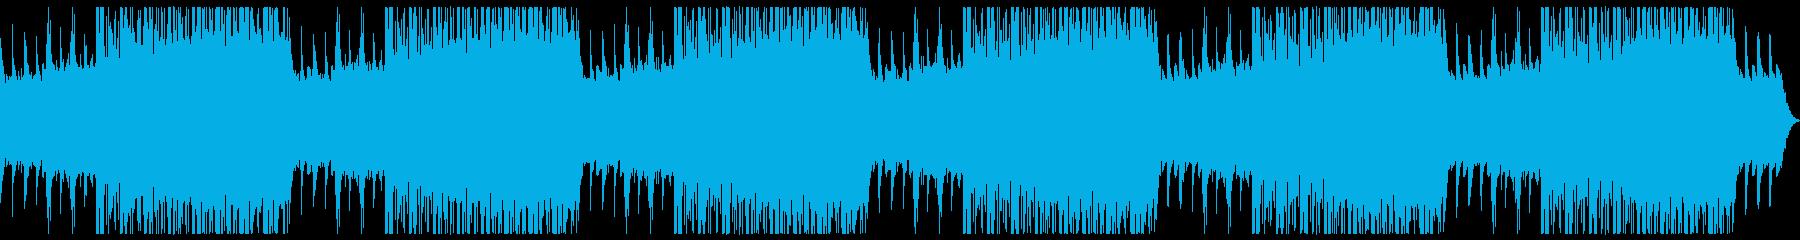 神秘的なピアノのヒーリング、アンビエントの再生済みの波形